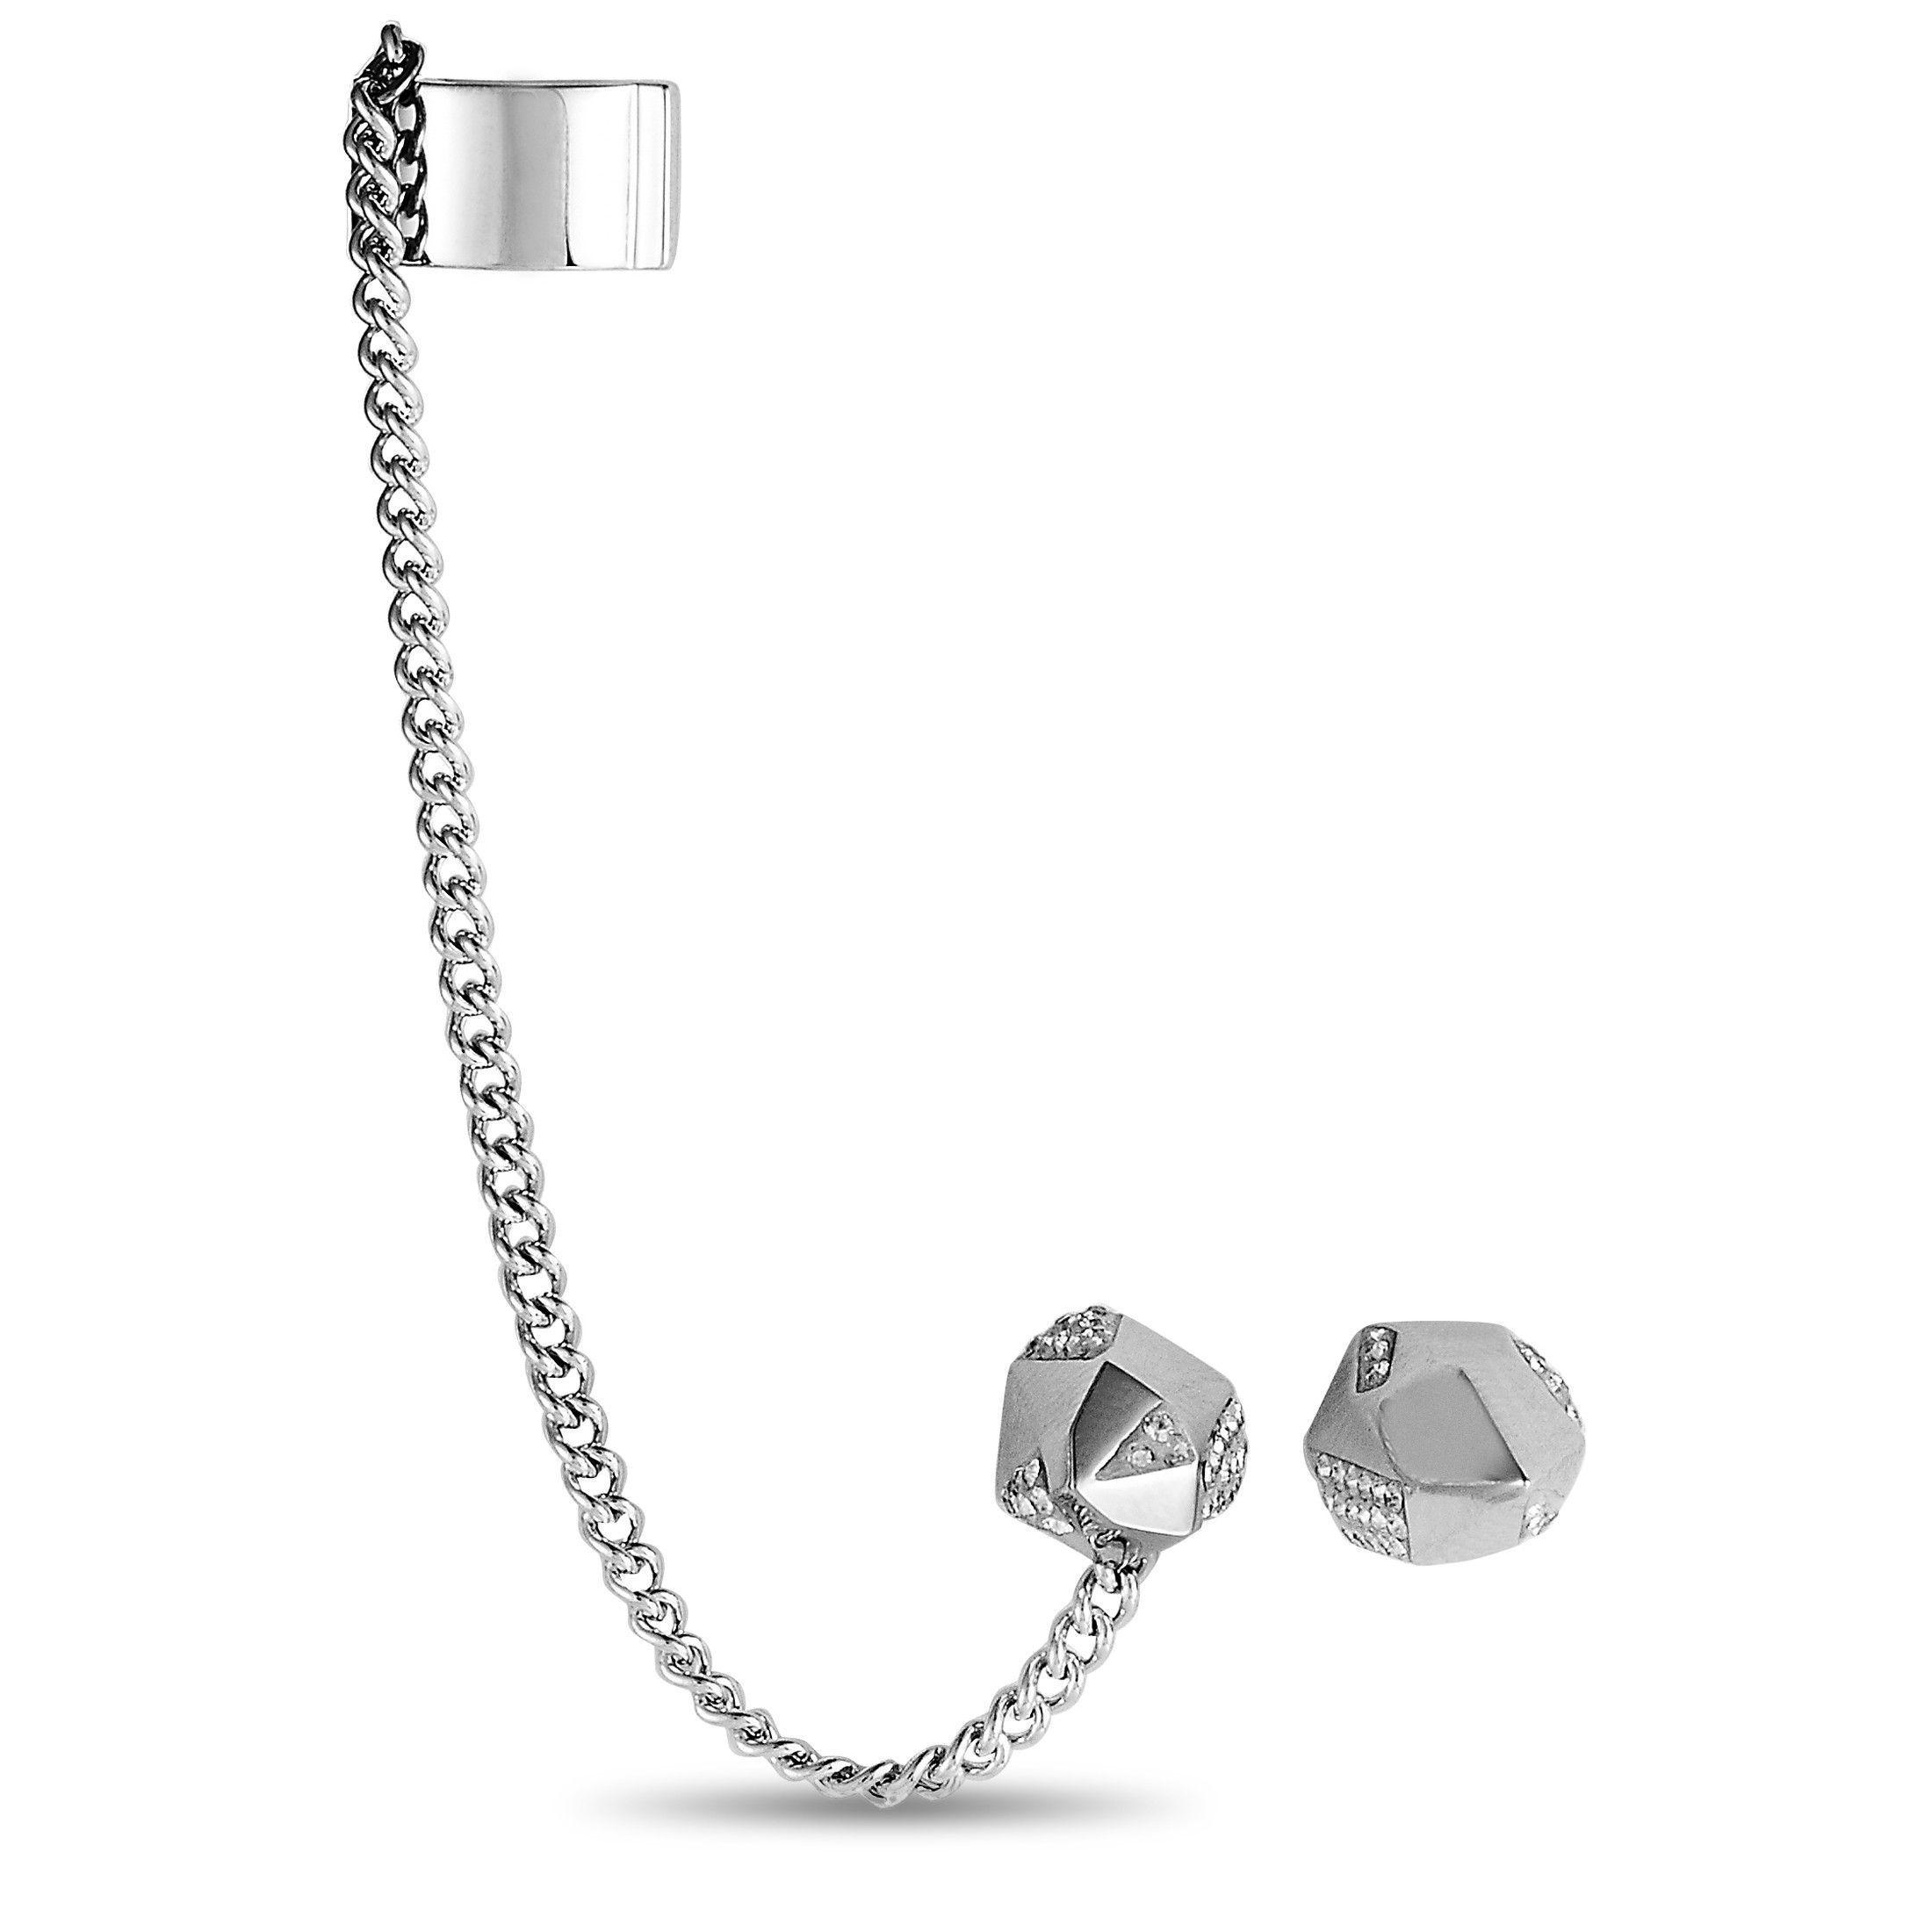 Swarovski Jean Paul Gaultier For Atelier Crystal Reverse Hoop Push Back  Earrings